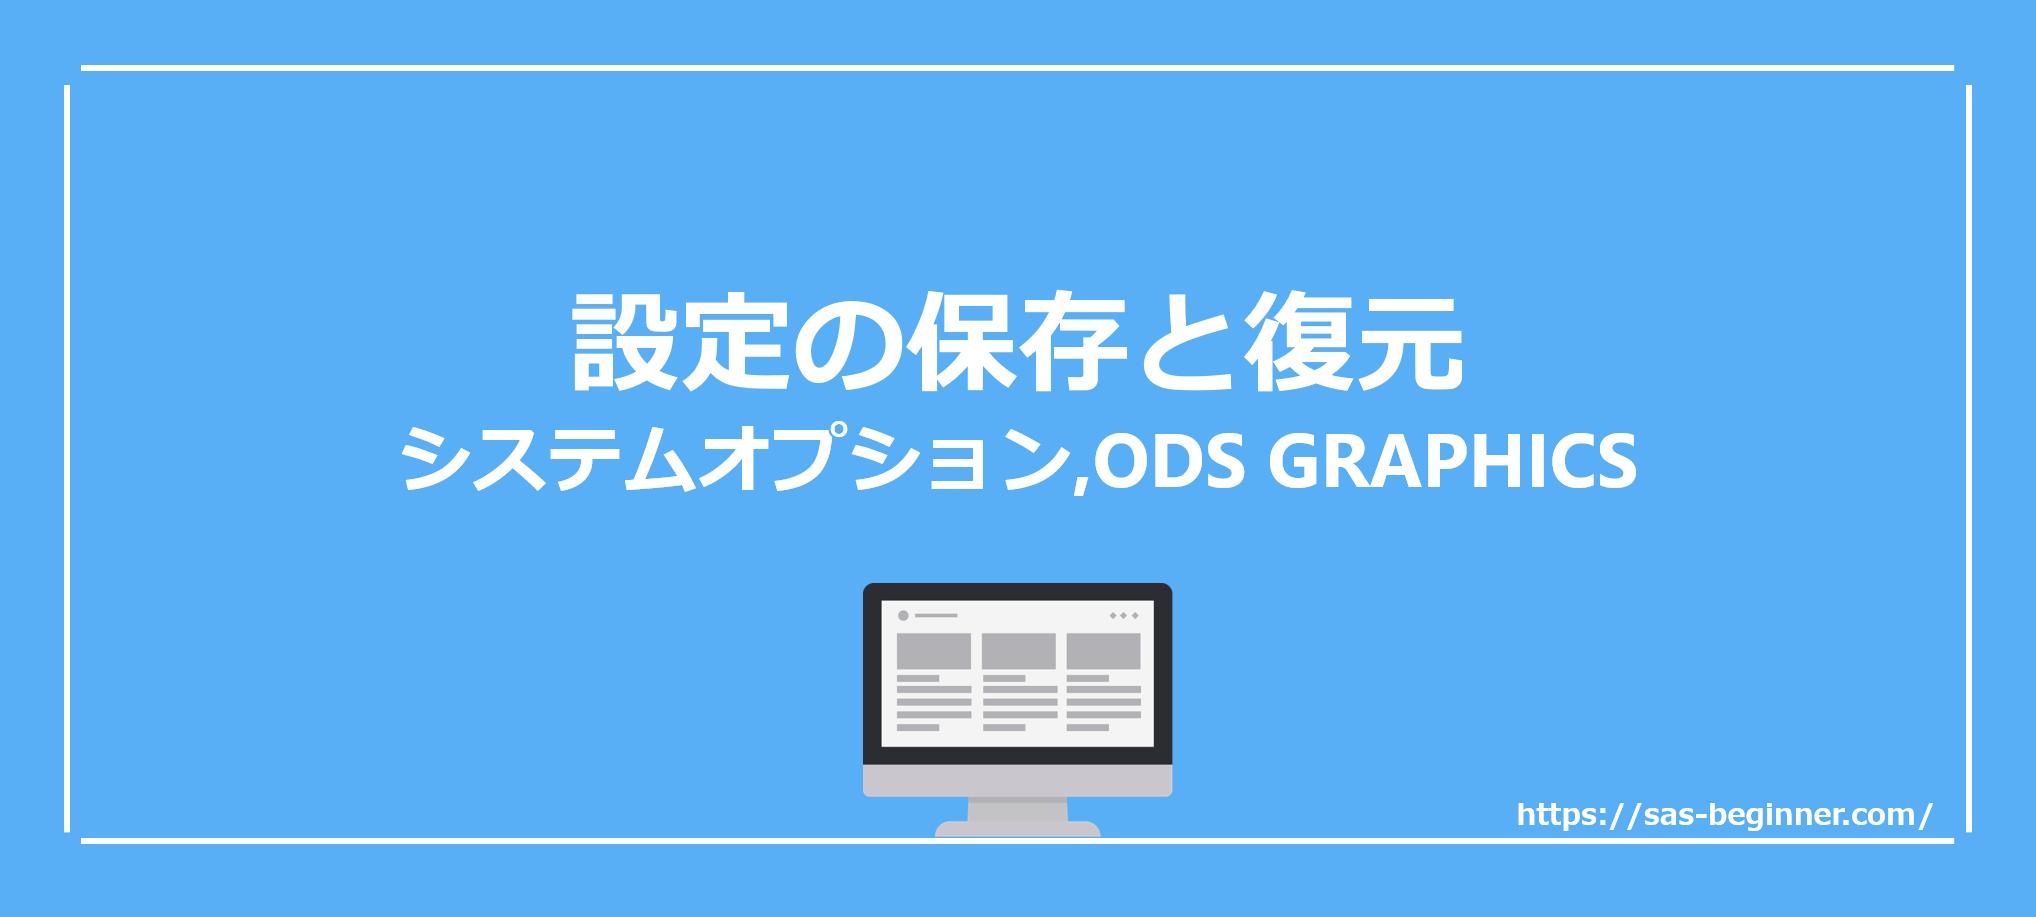 システムオプションやODS GRAPHICS設定の保存と復元